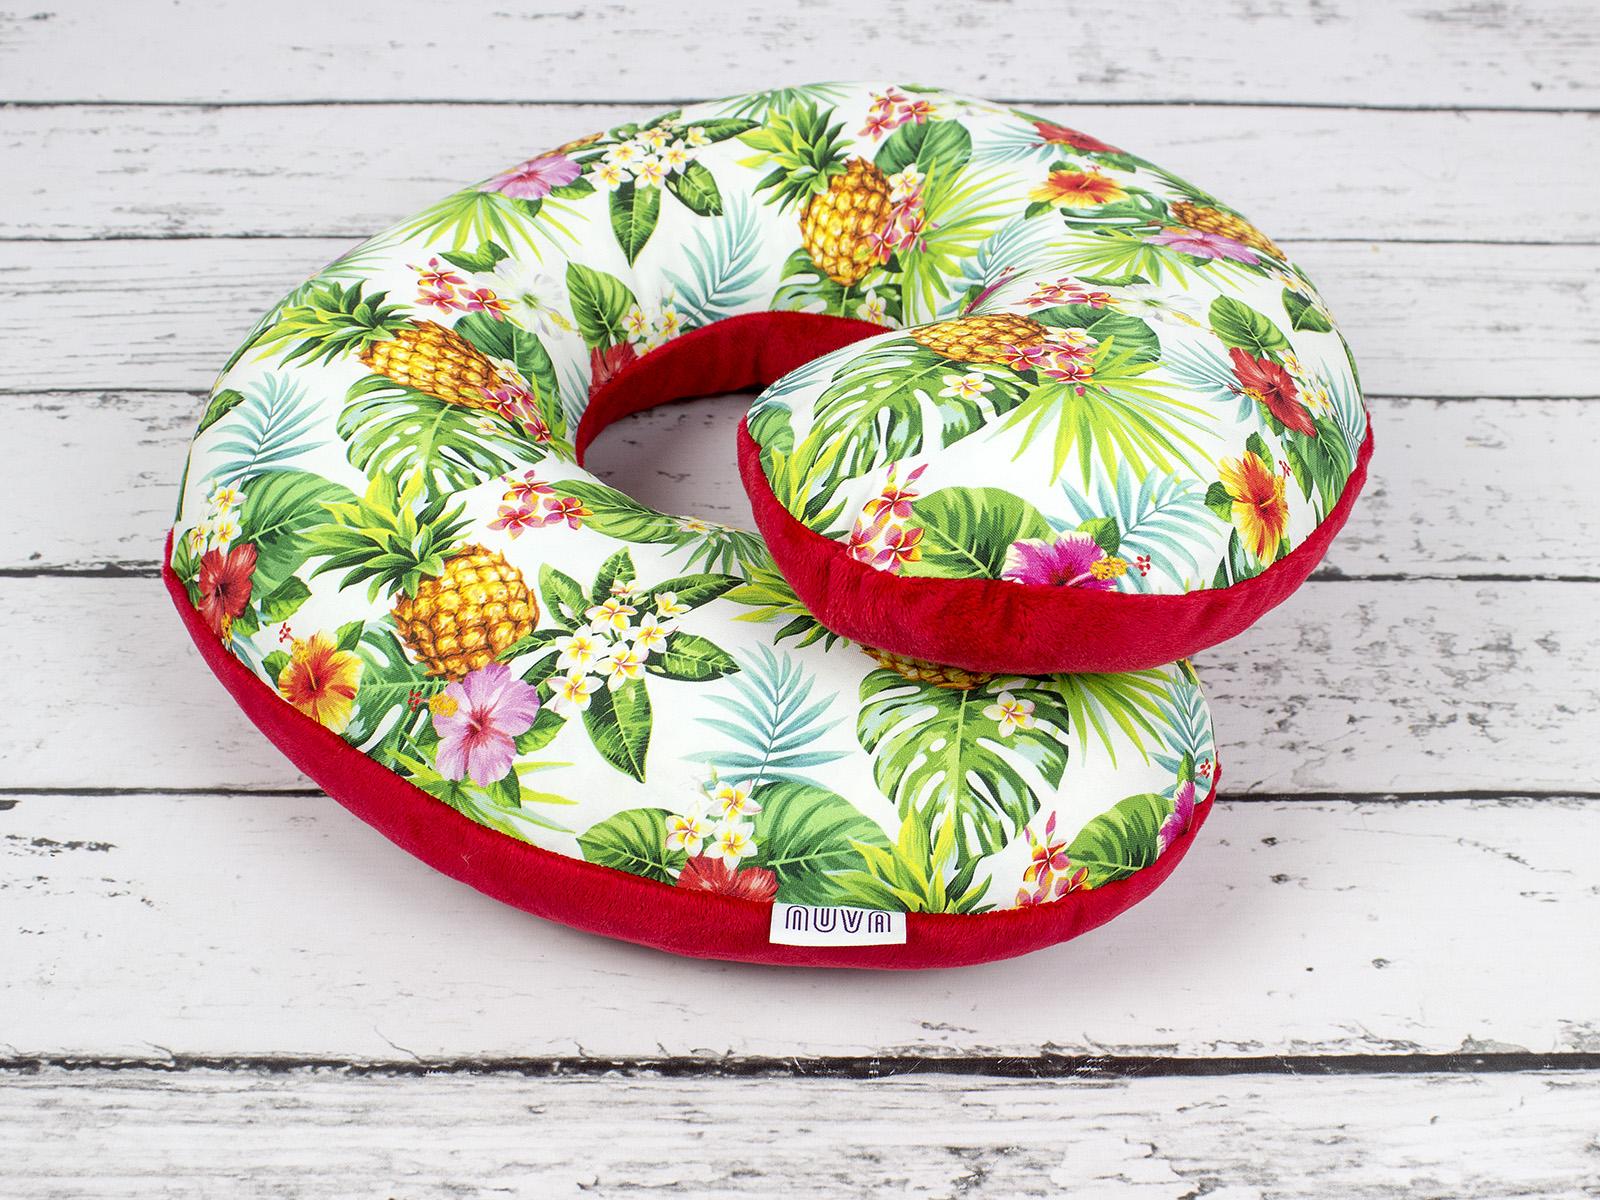 poduszka podróżna ananasy